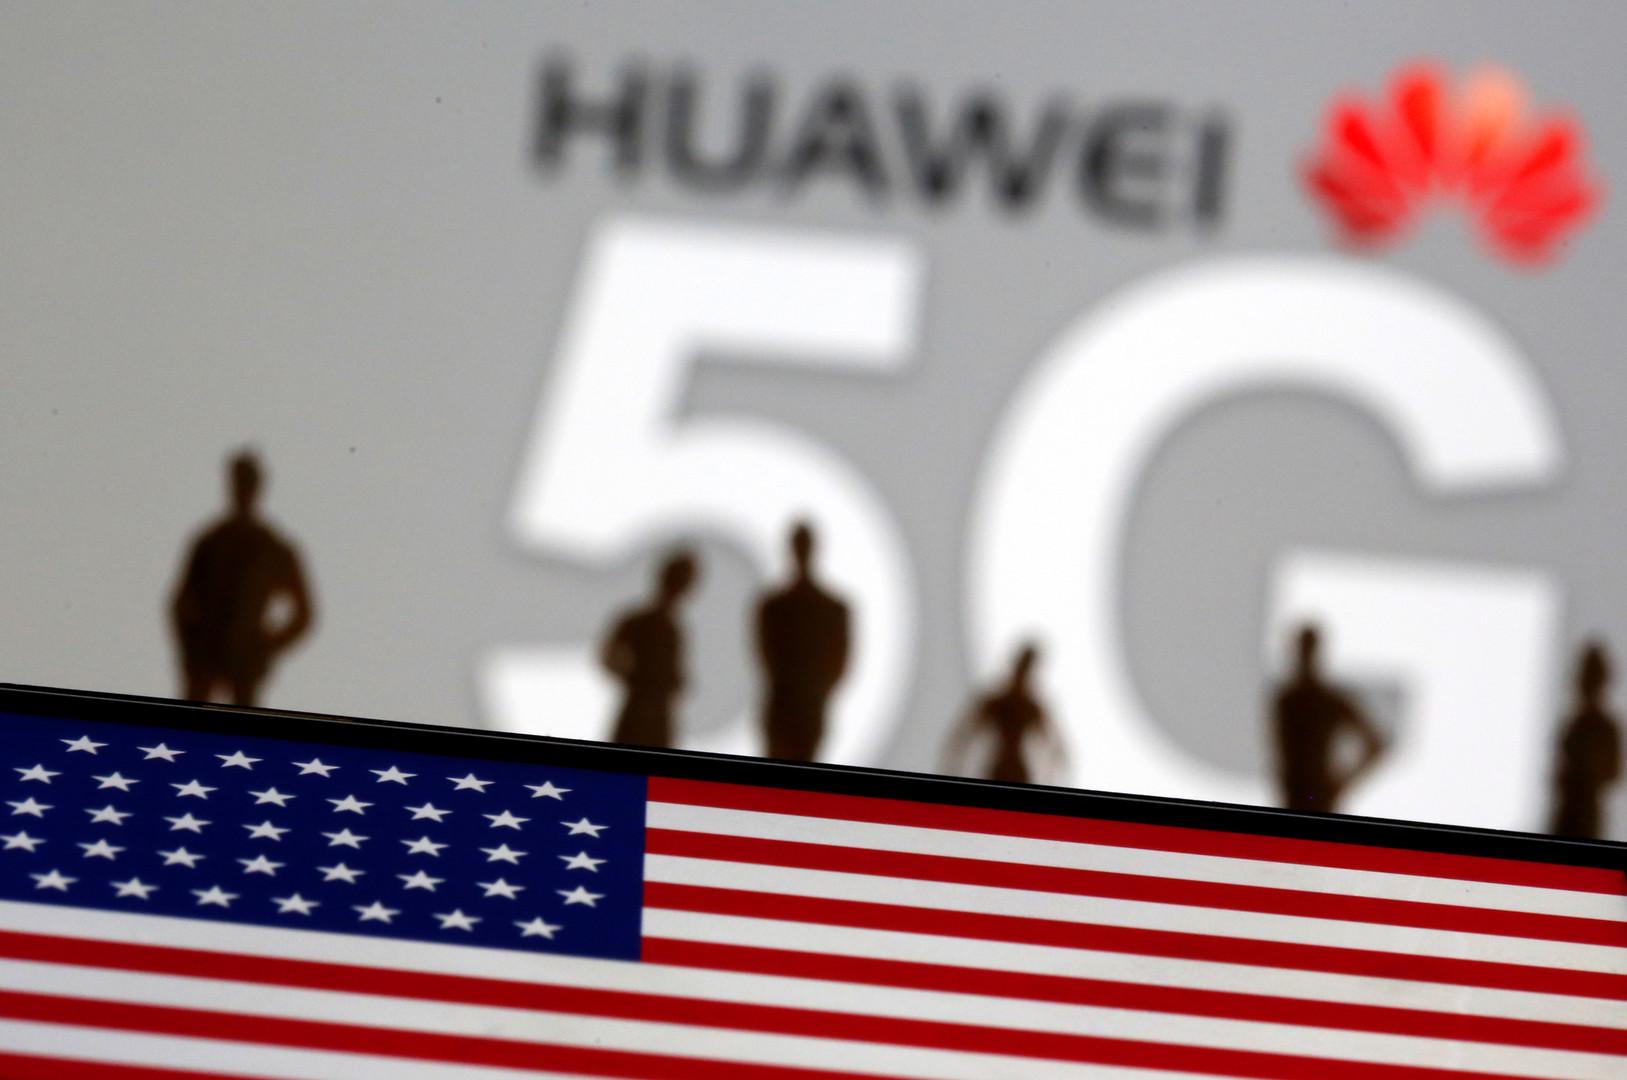 الاستخبارات الأمريكية تتهم هواوي بتلقي تمويل من الجيش وأجهزة أمن الدولة الصينية